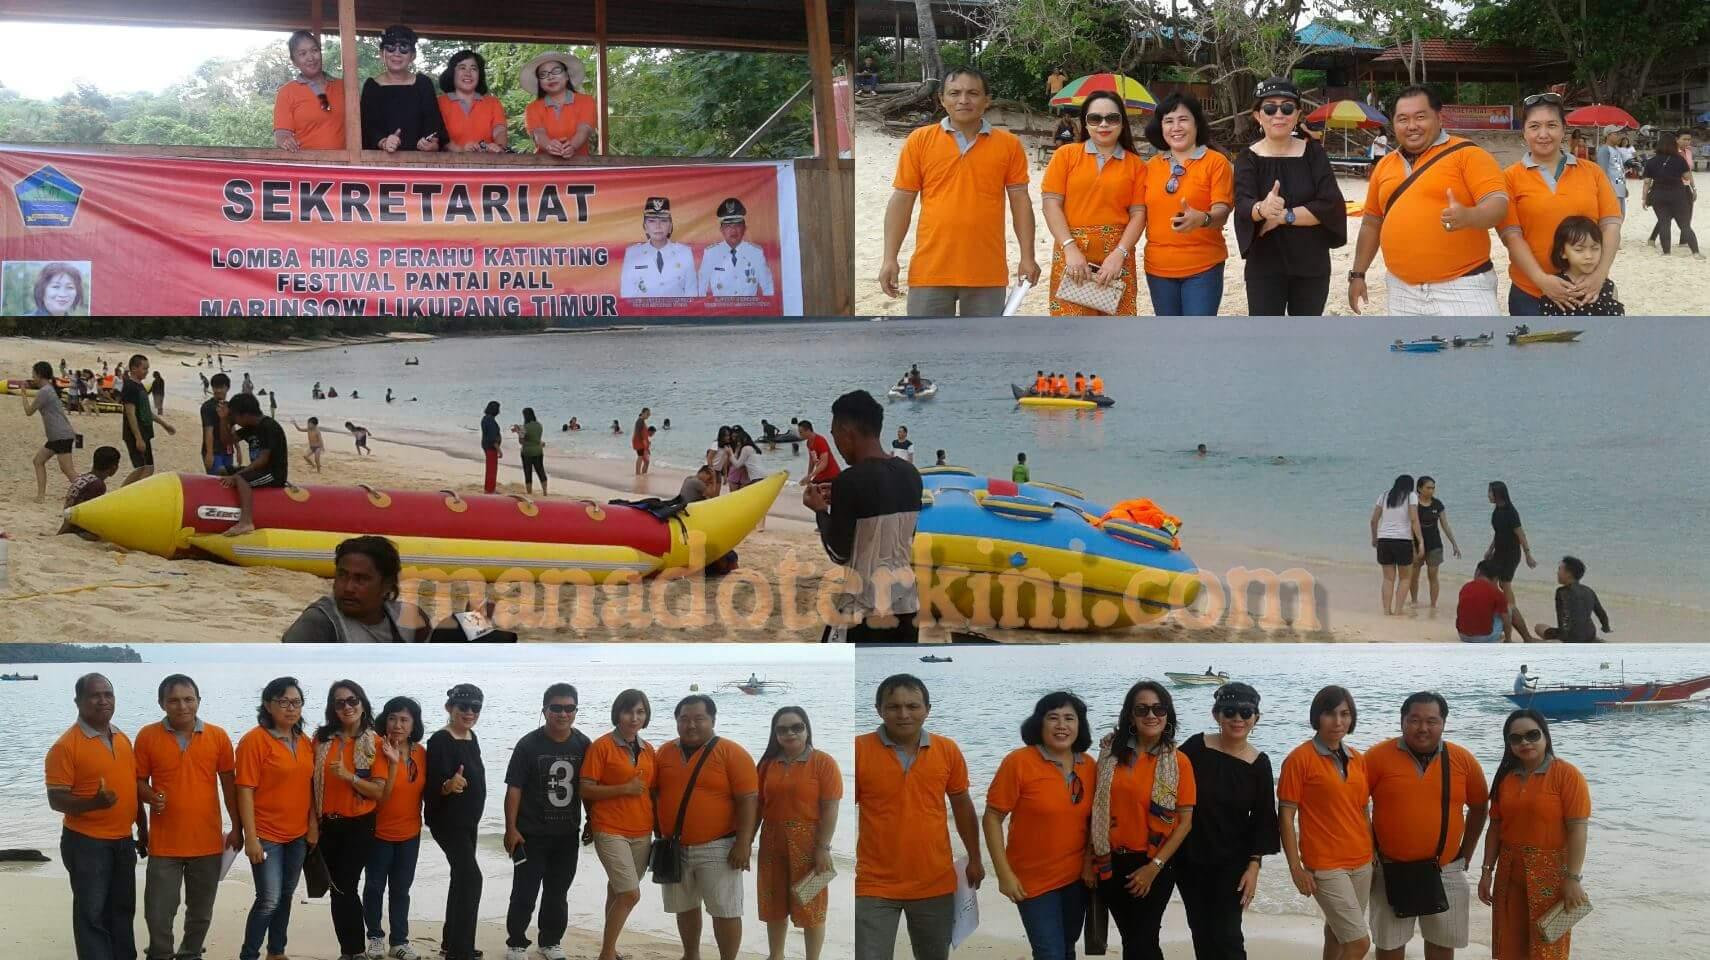 Tingkatkan Kunjungan Wisata di Minut, Dispar Gelar Festival Pantai Pall